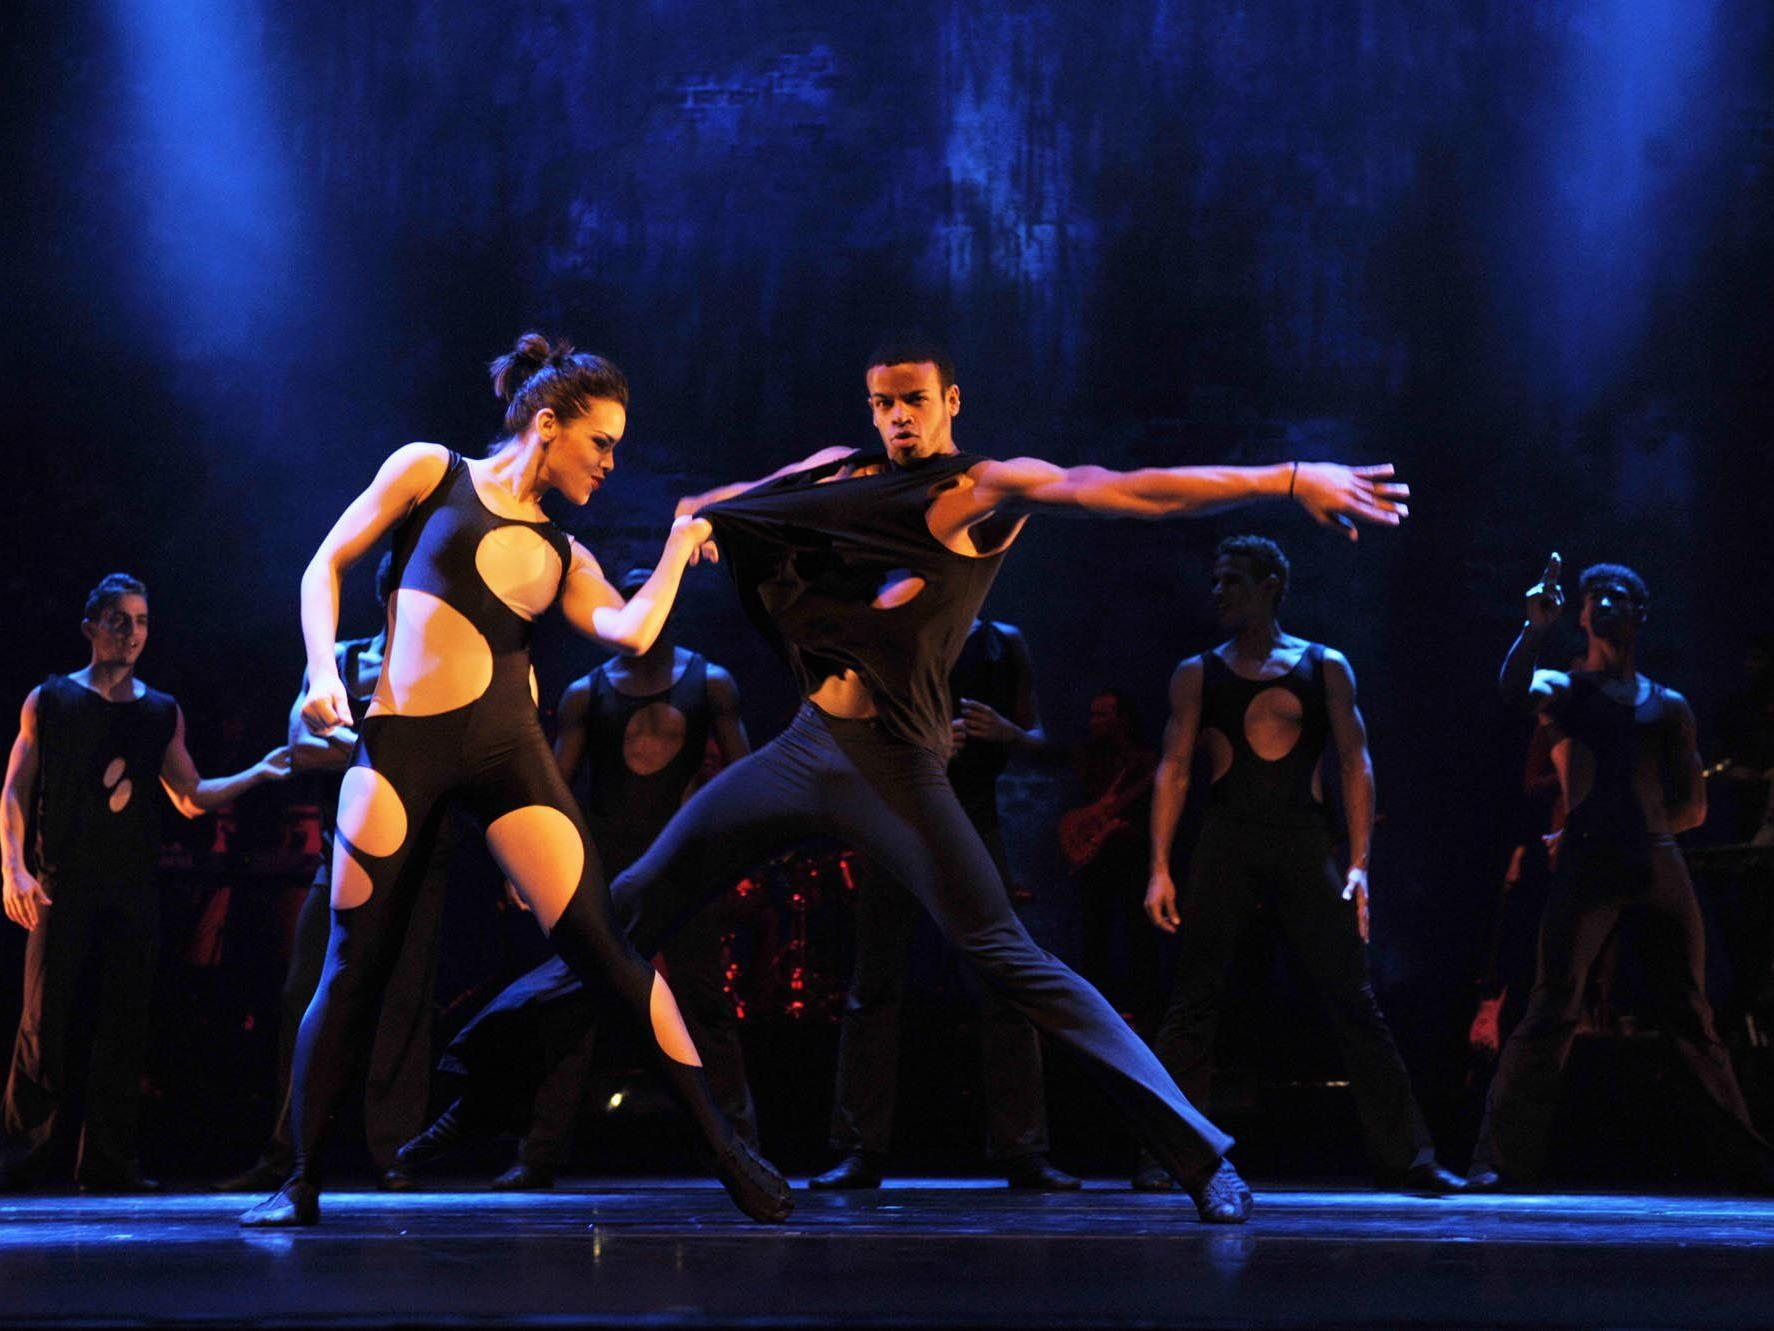 VIENNA.at verlost 5x2 Tickets für Ballet Revolución.